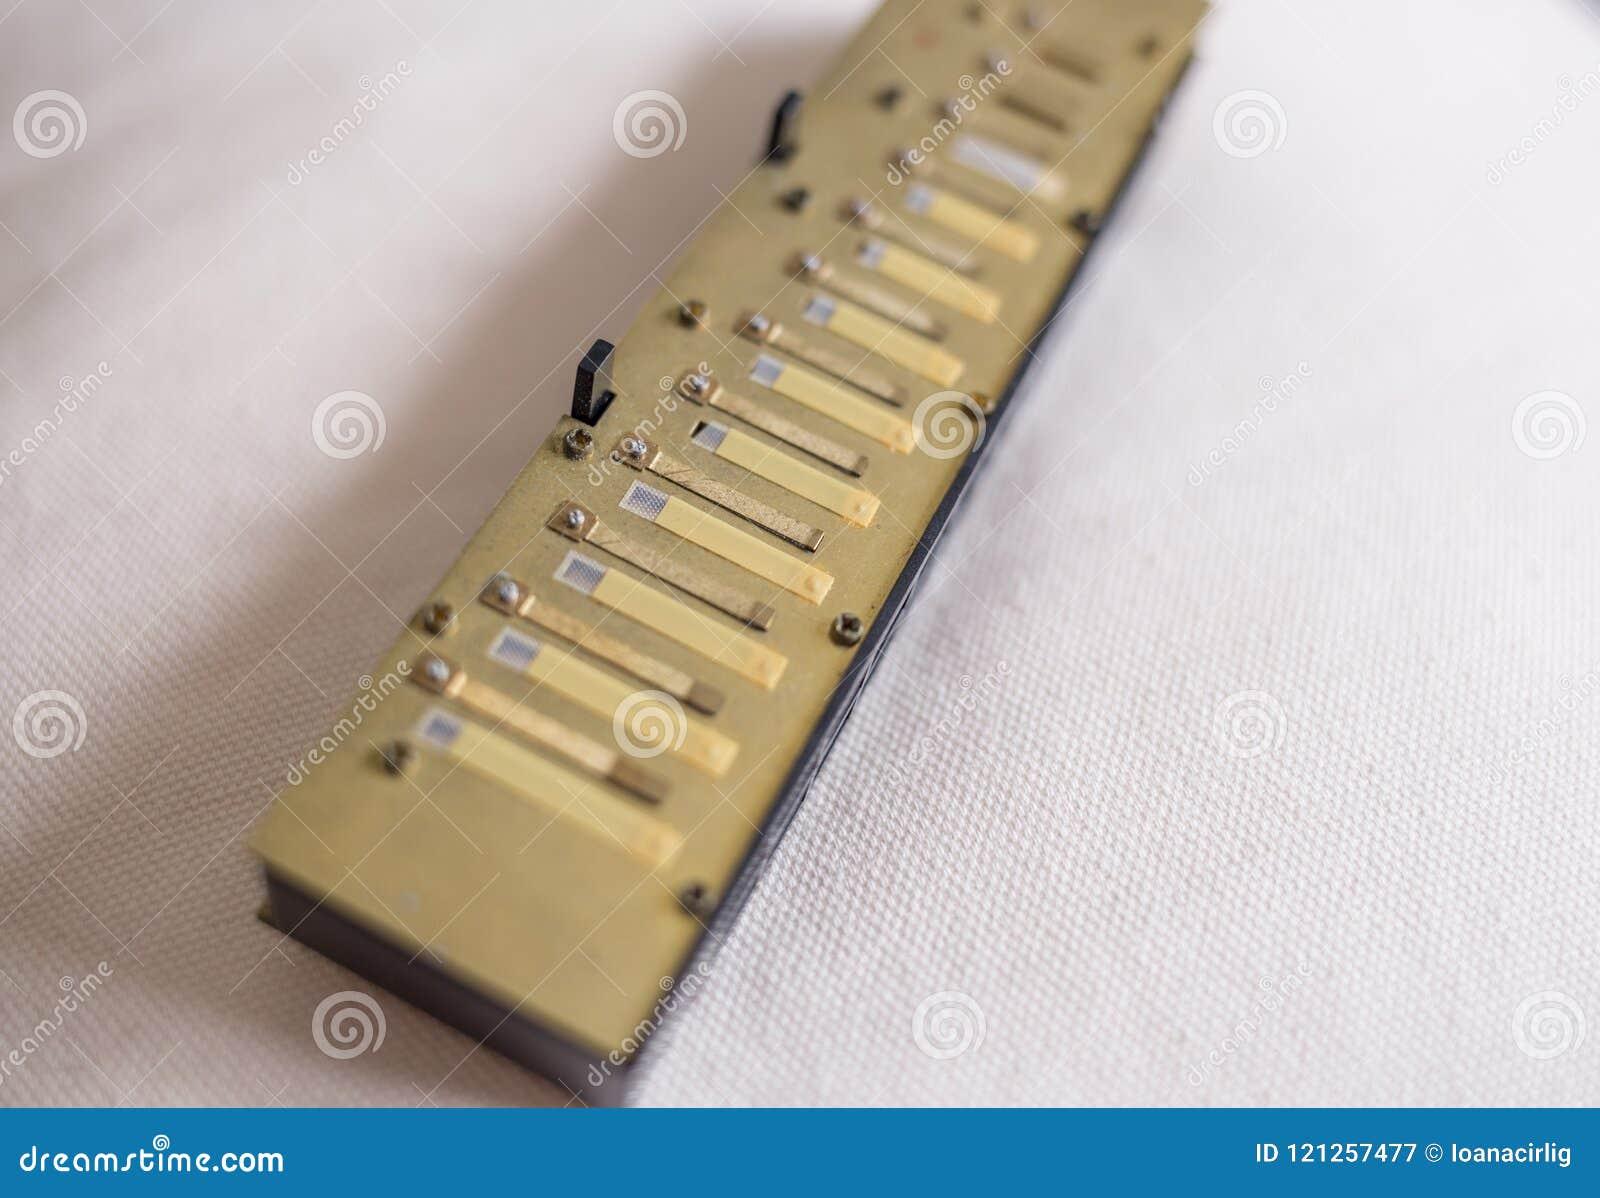 Chromatische harmonika-riet platen, windsavers en kleppen